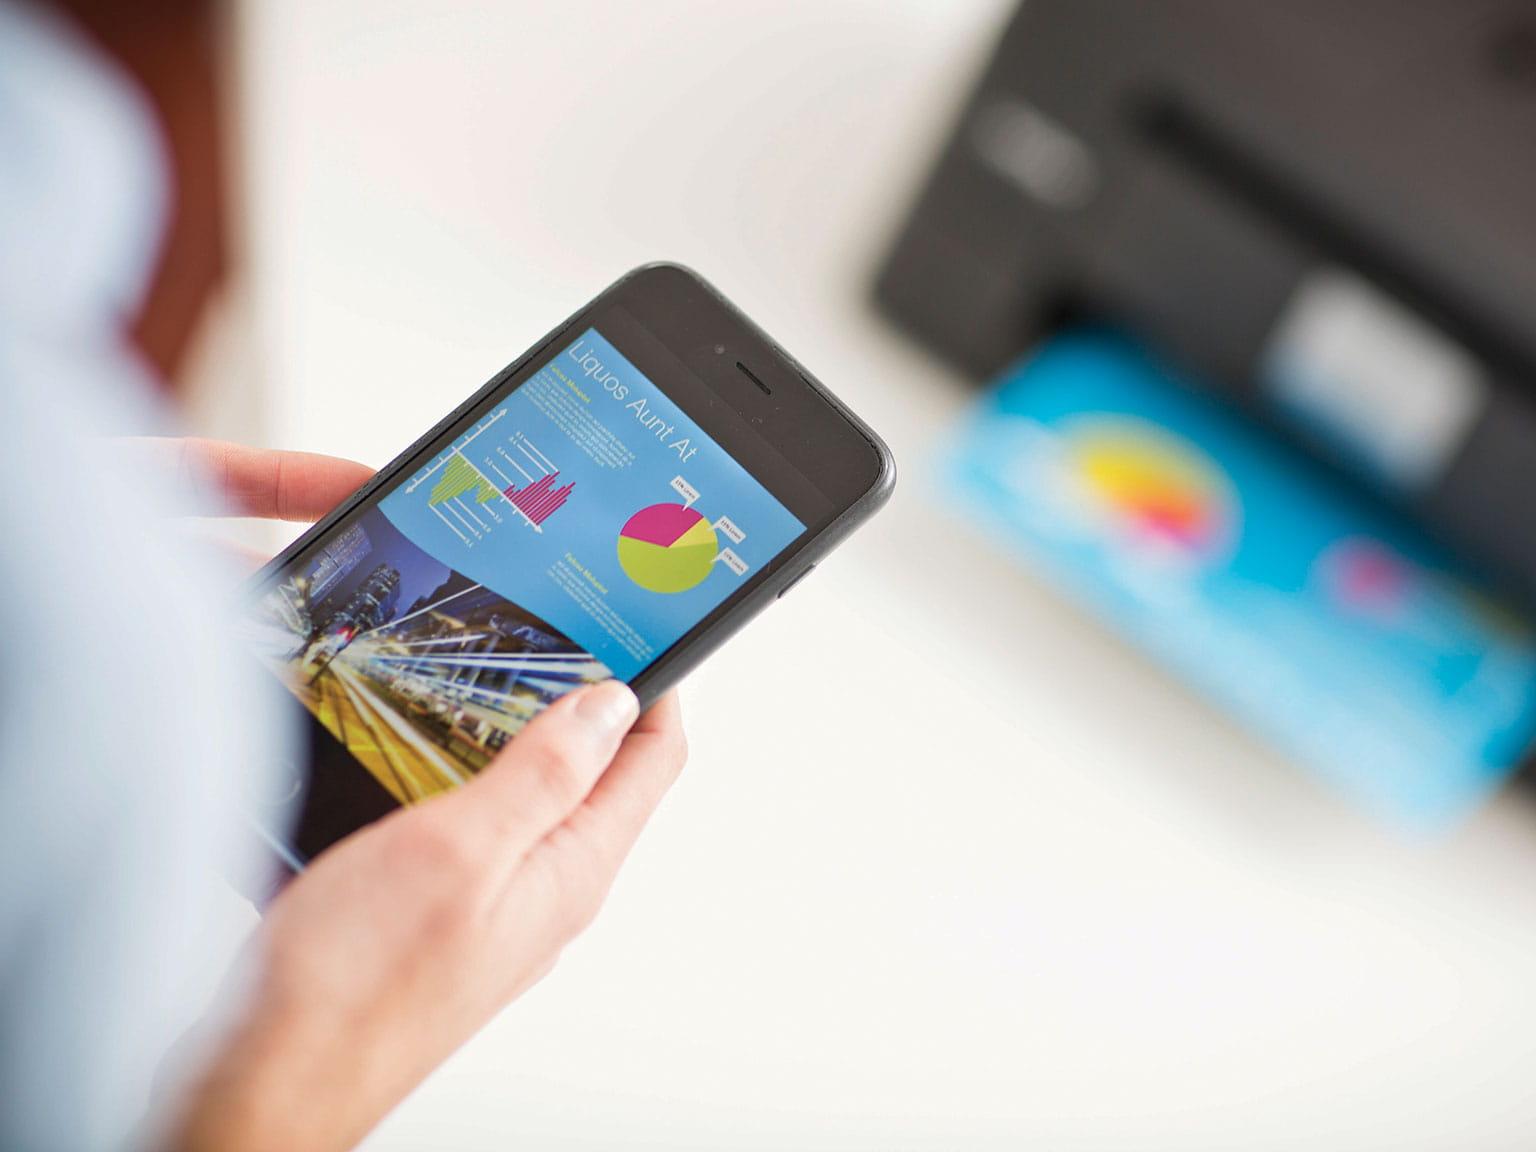 iprint-scan-okostelefon-dokumentumok-fotók-nyomtatása